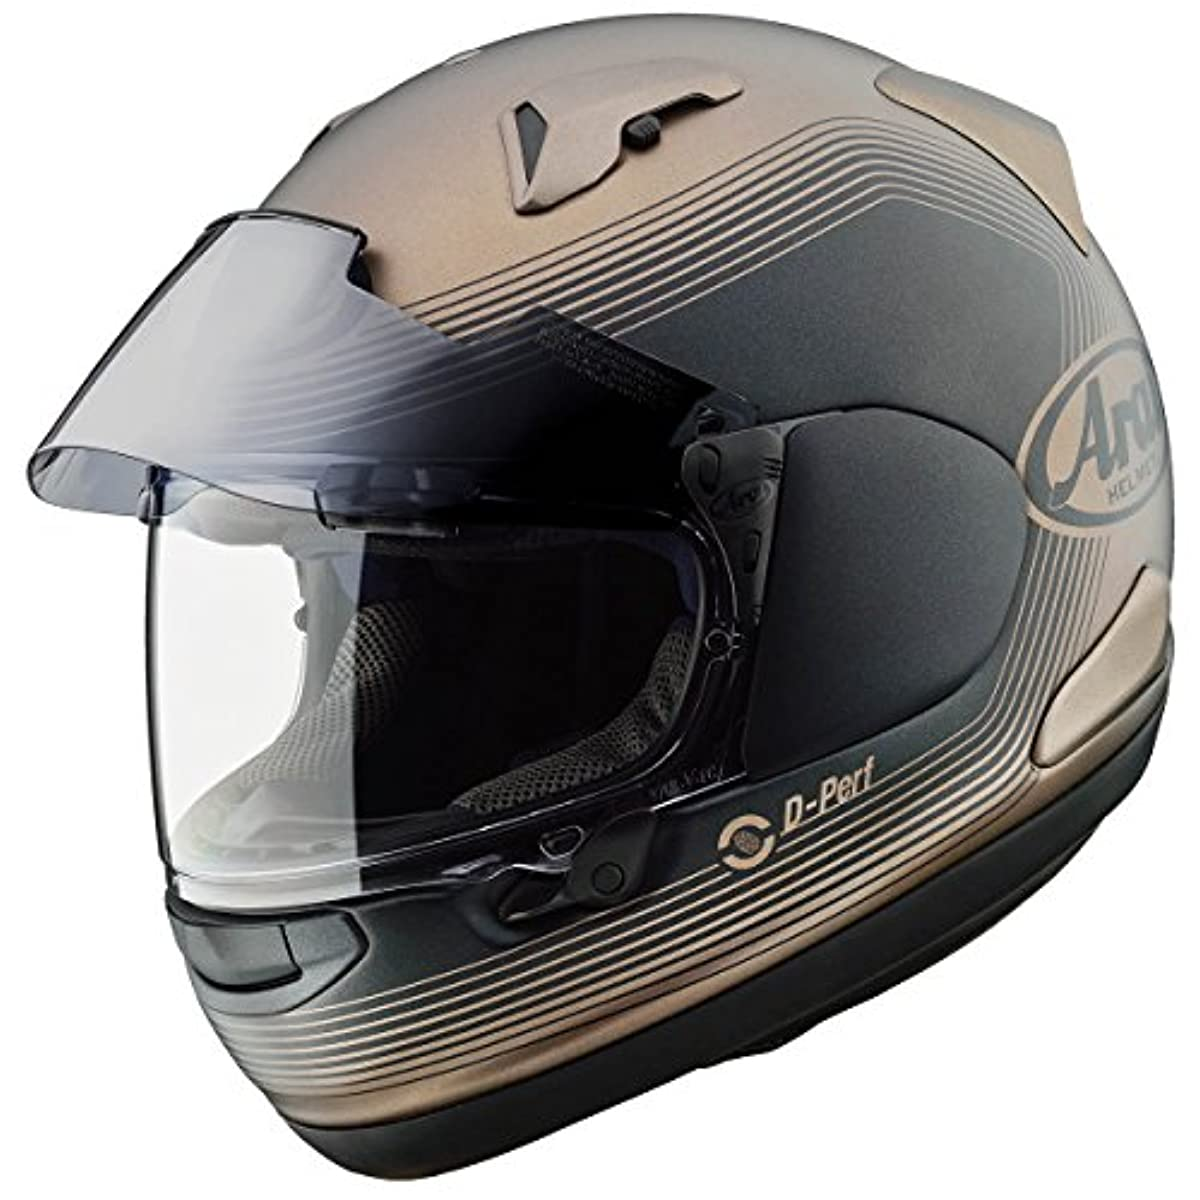 [해외] 아라이 (ARAI 아라이 헬멧) 풀 페이스 헬멧 아스 트럴-X 쉐이드 샌드 54CM (핀 그린 씨트120(클리어)부착) ASTRALX-SHADE-SAND54